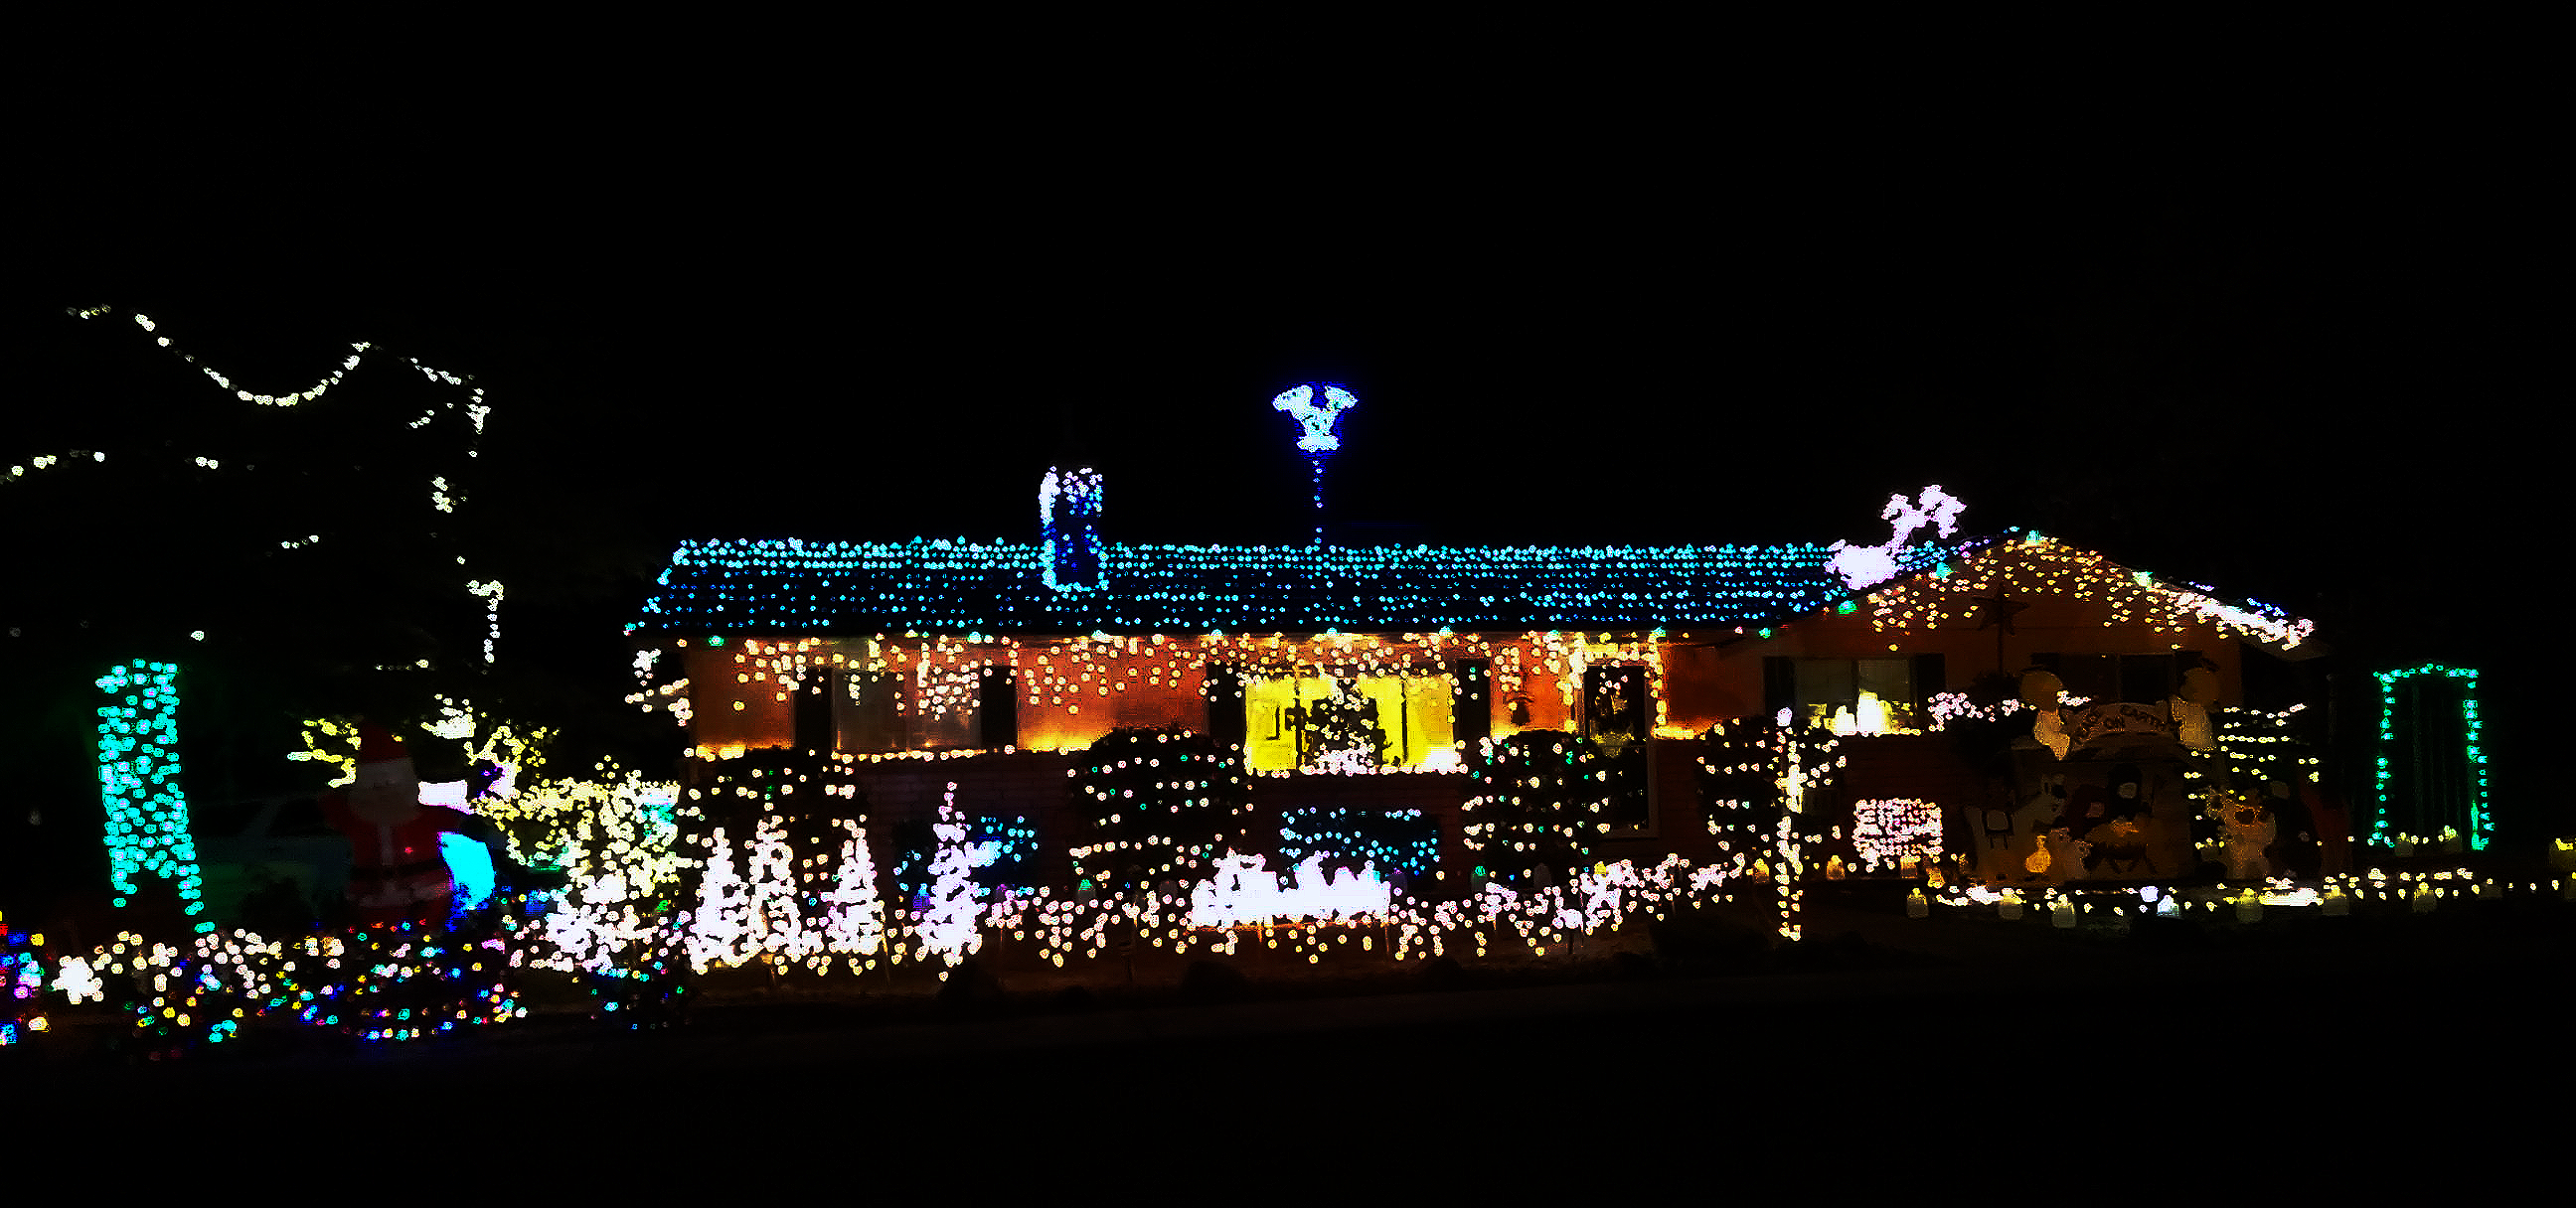 Santa Clara 2020 Christmas Lights Drive A List: The best Christmas lights in St. George 2015 – Cedar City News